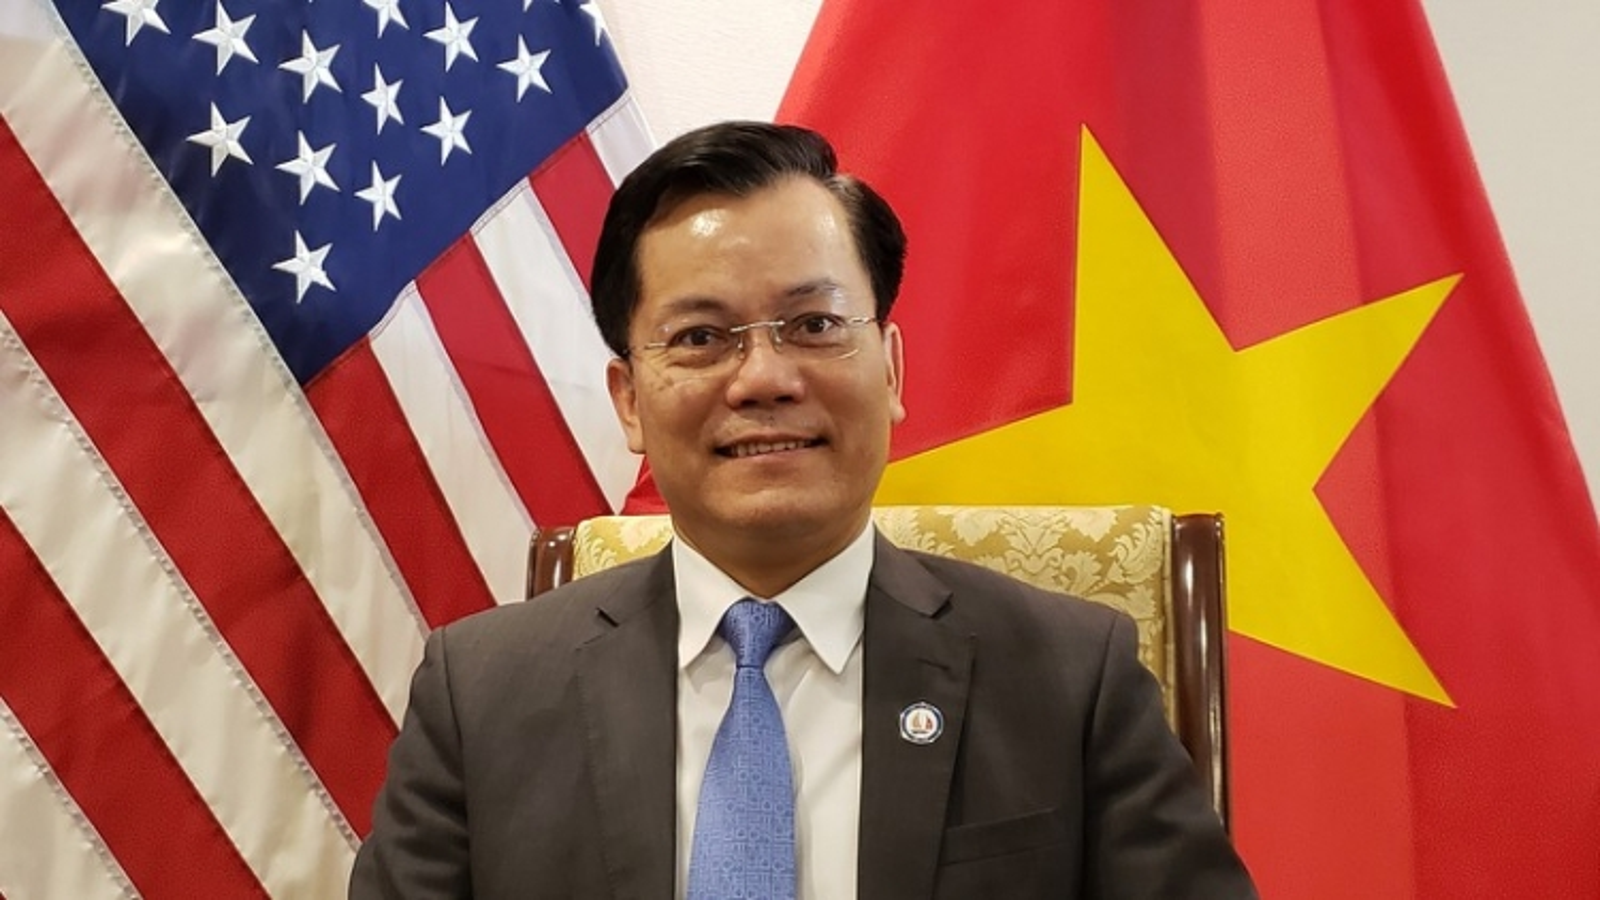 Việt Nam, Hoa Kỳ tăng cường hợp tác nông nghiệp trong tình hình mới